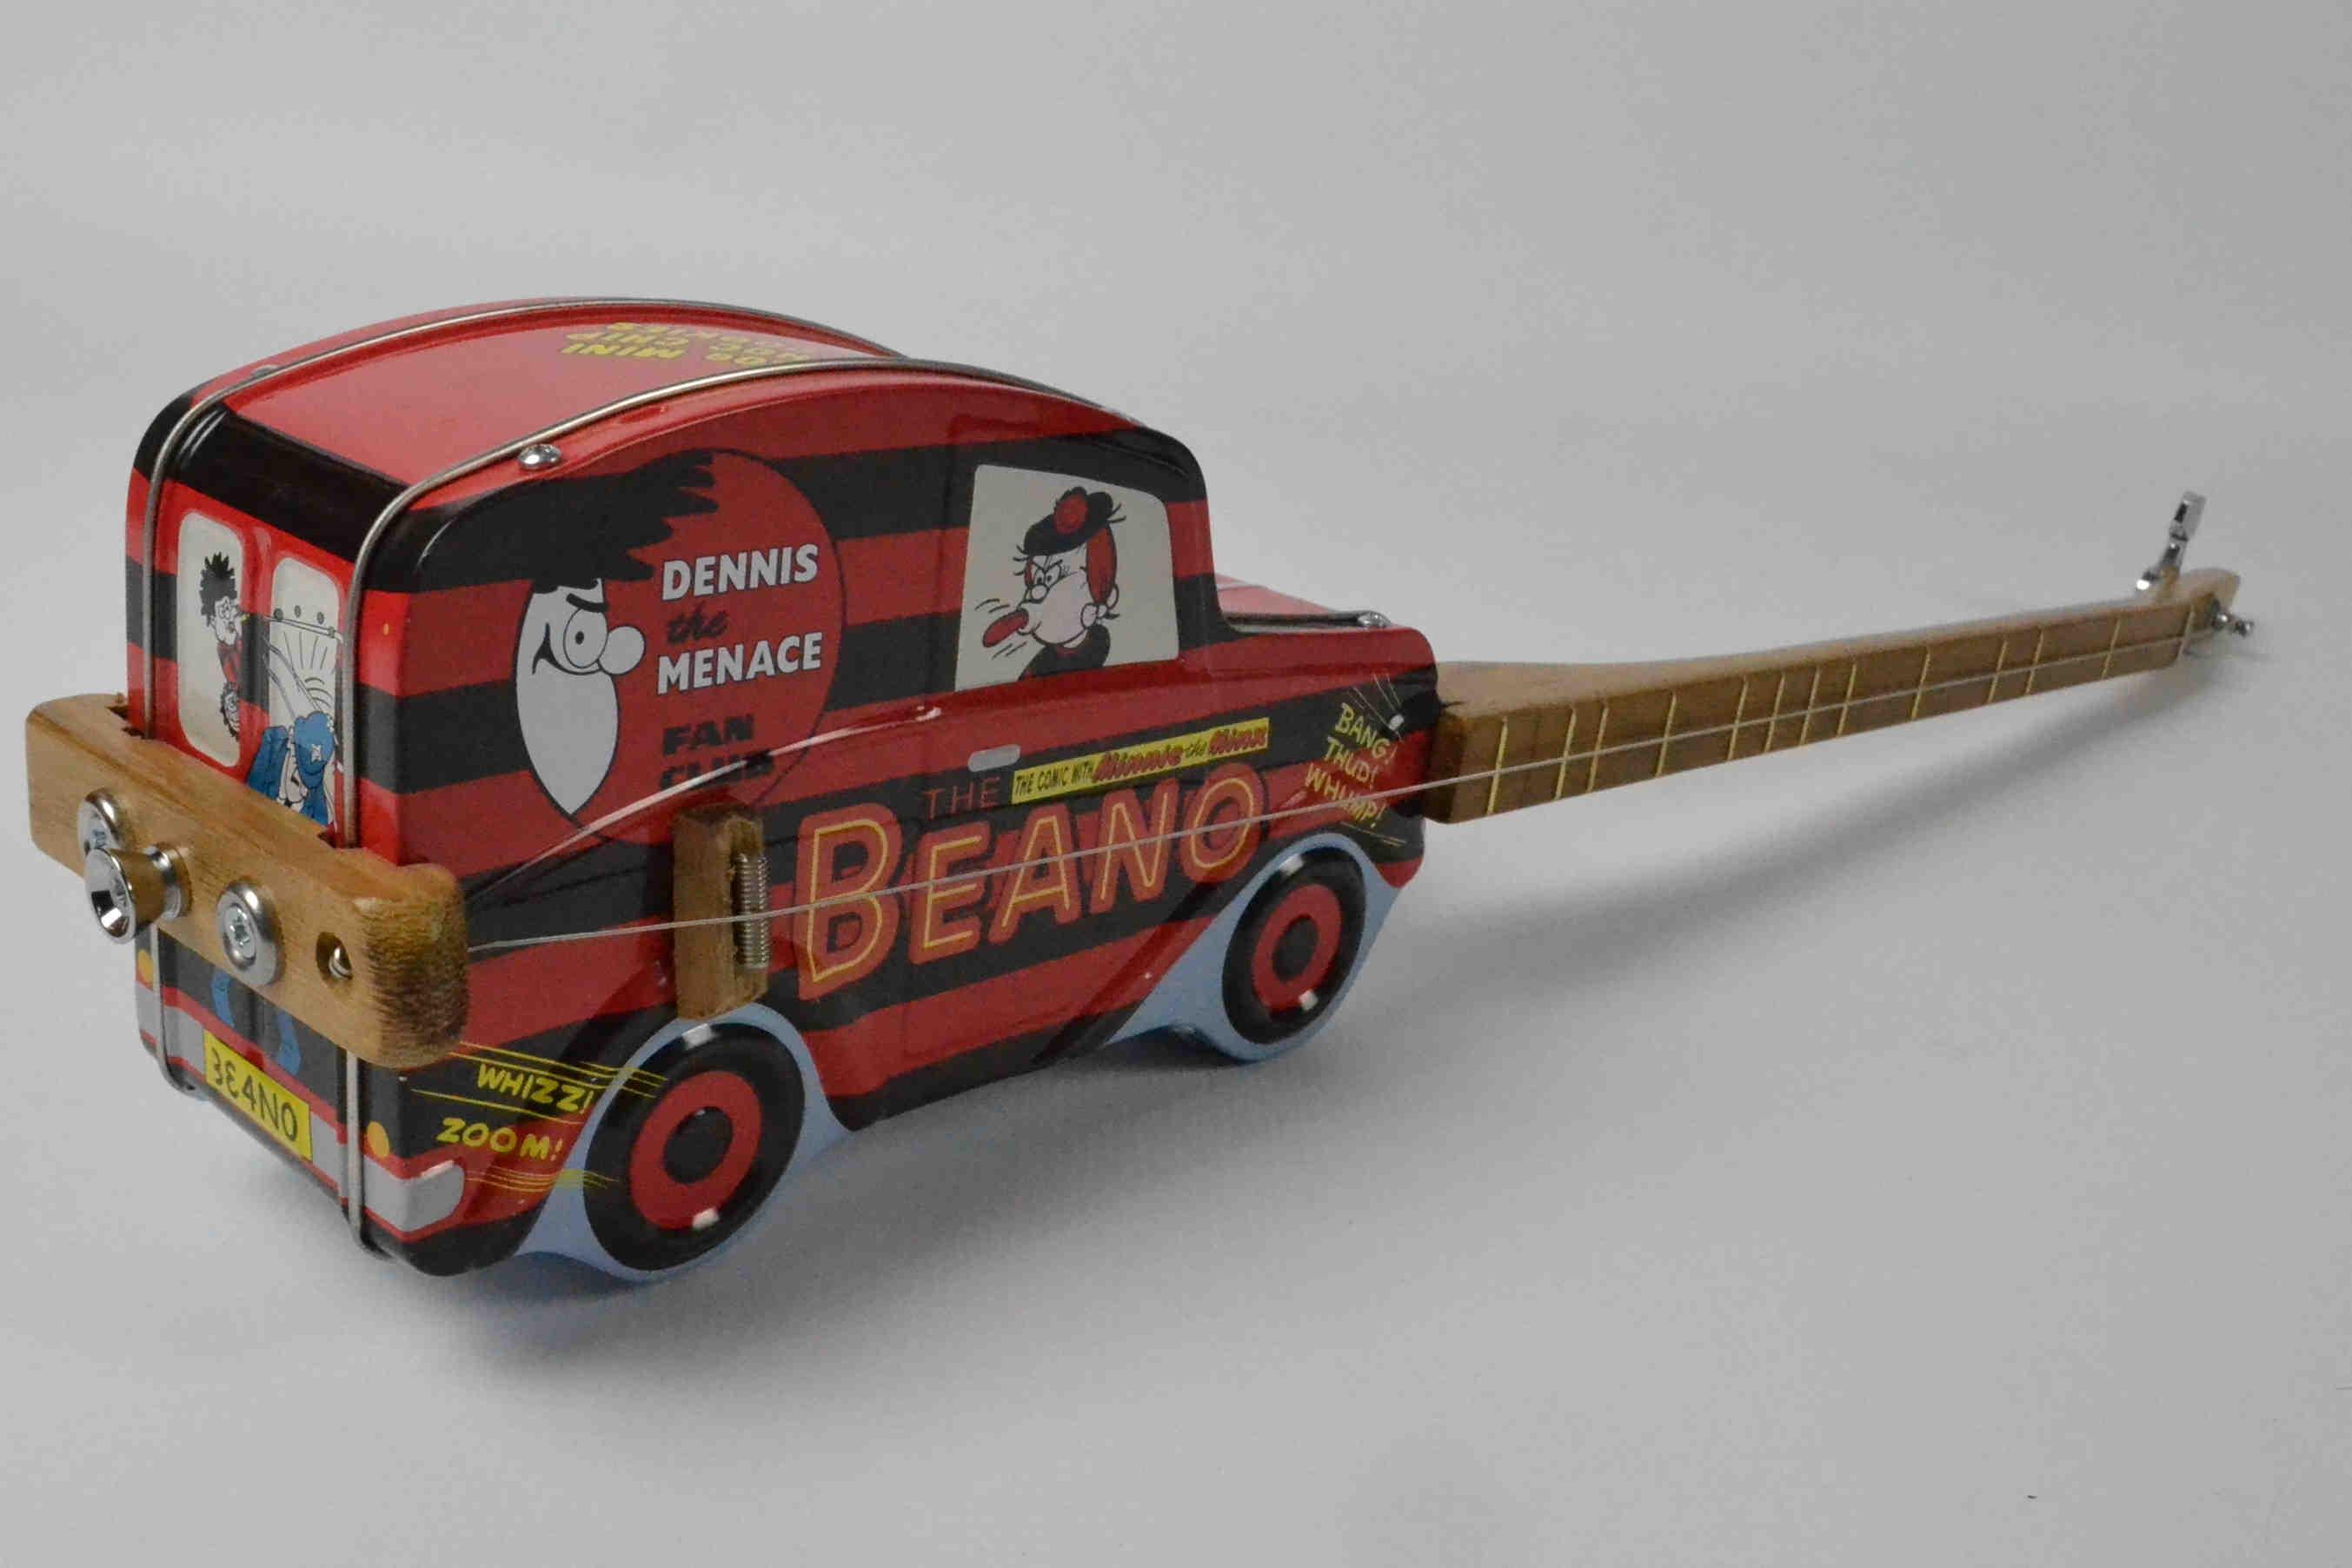 The Beano Canjo